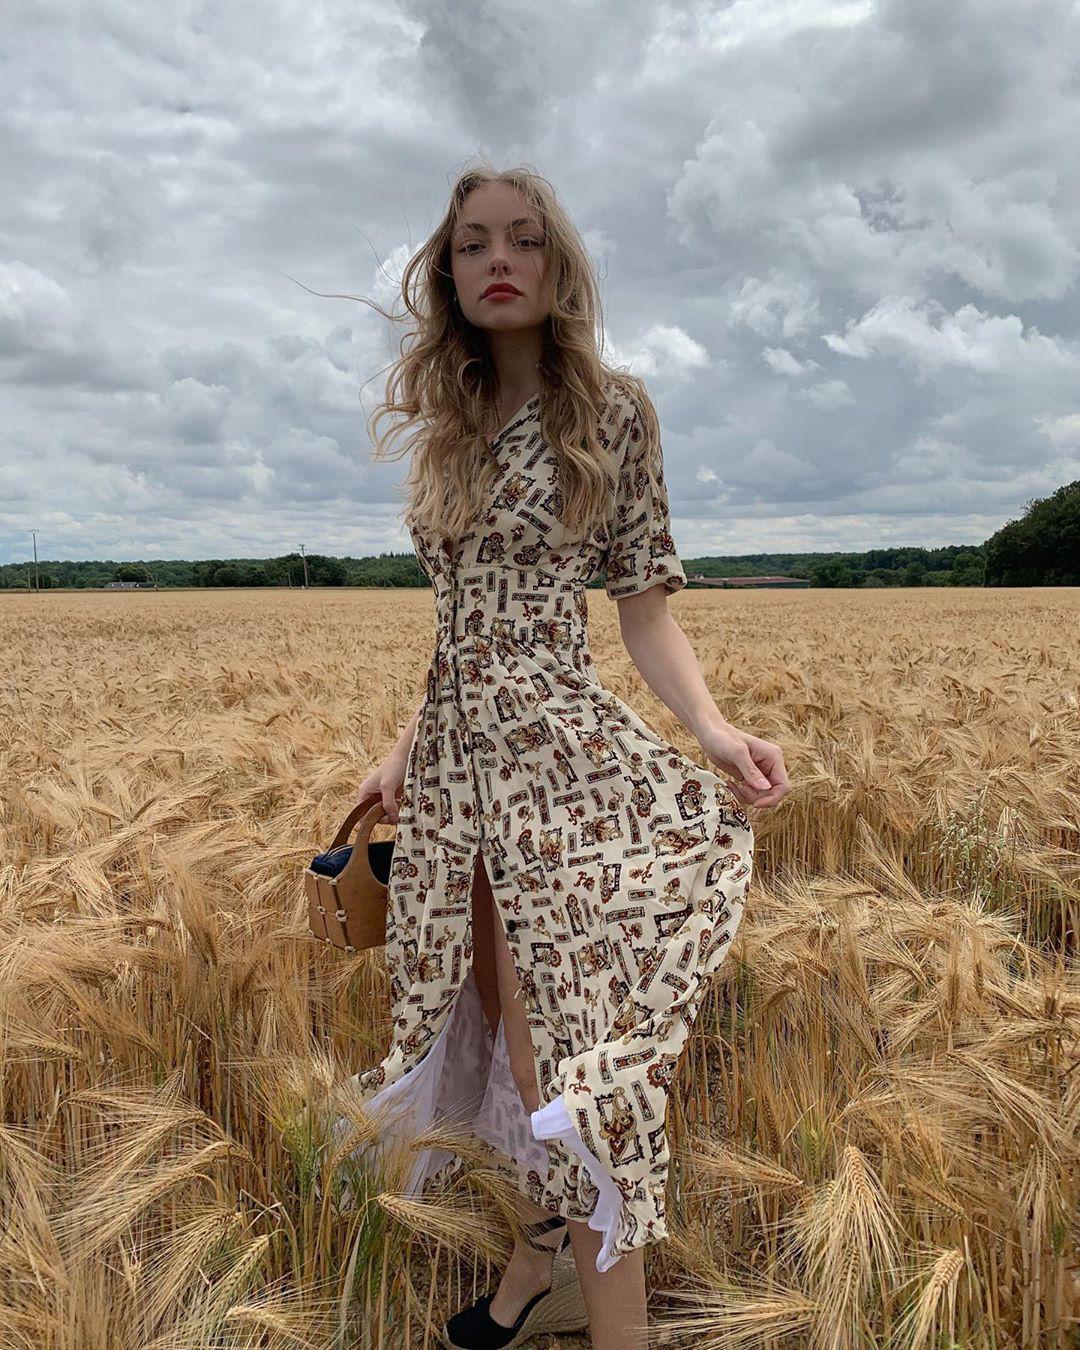 Trời se lạnh mà quẩy váy dáng dài là có style yêu kiều như gái Pháp, điểm sang chảnh tăng ngùn ngụt - Ảnh 9.